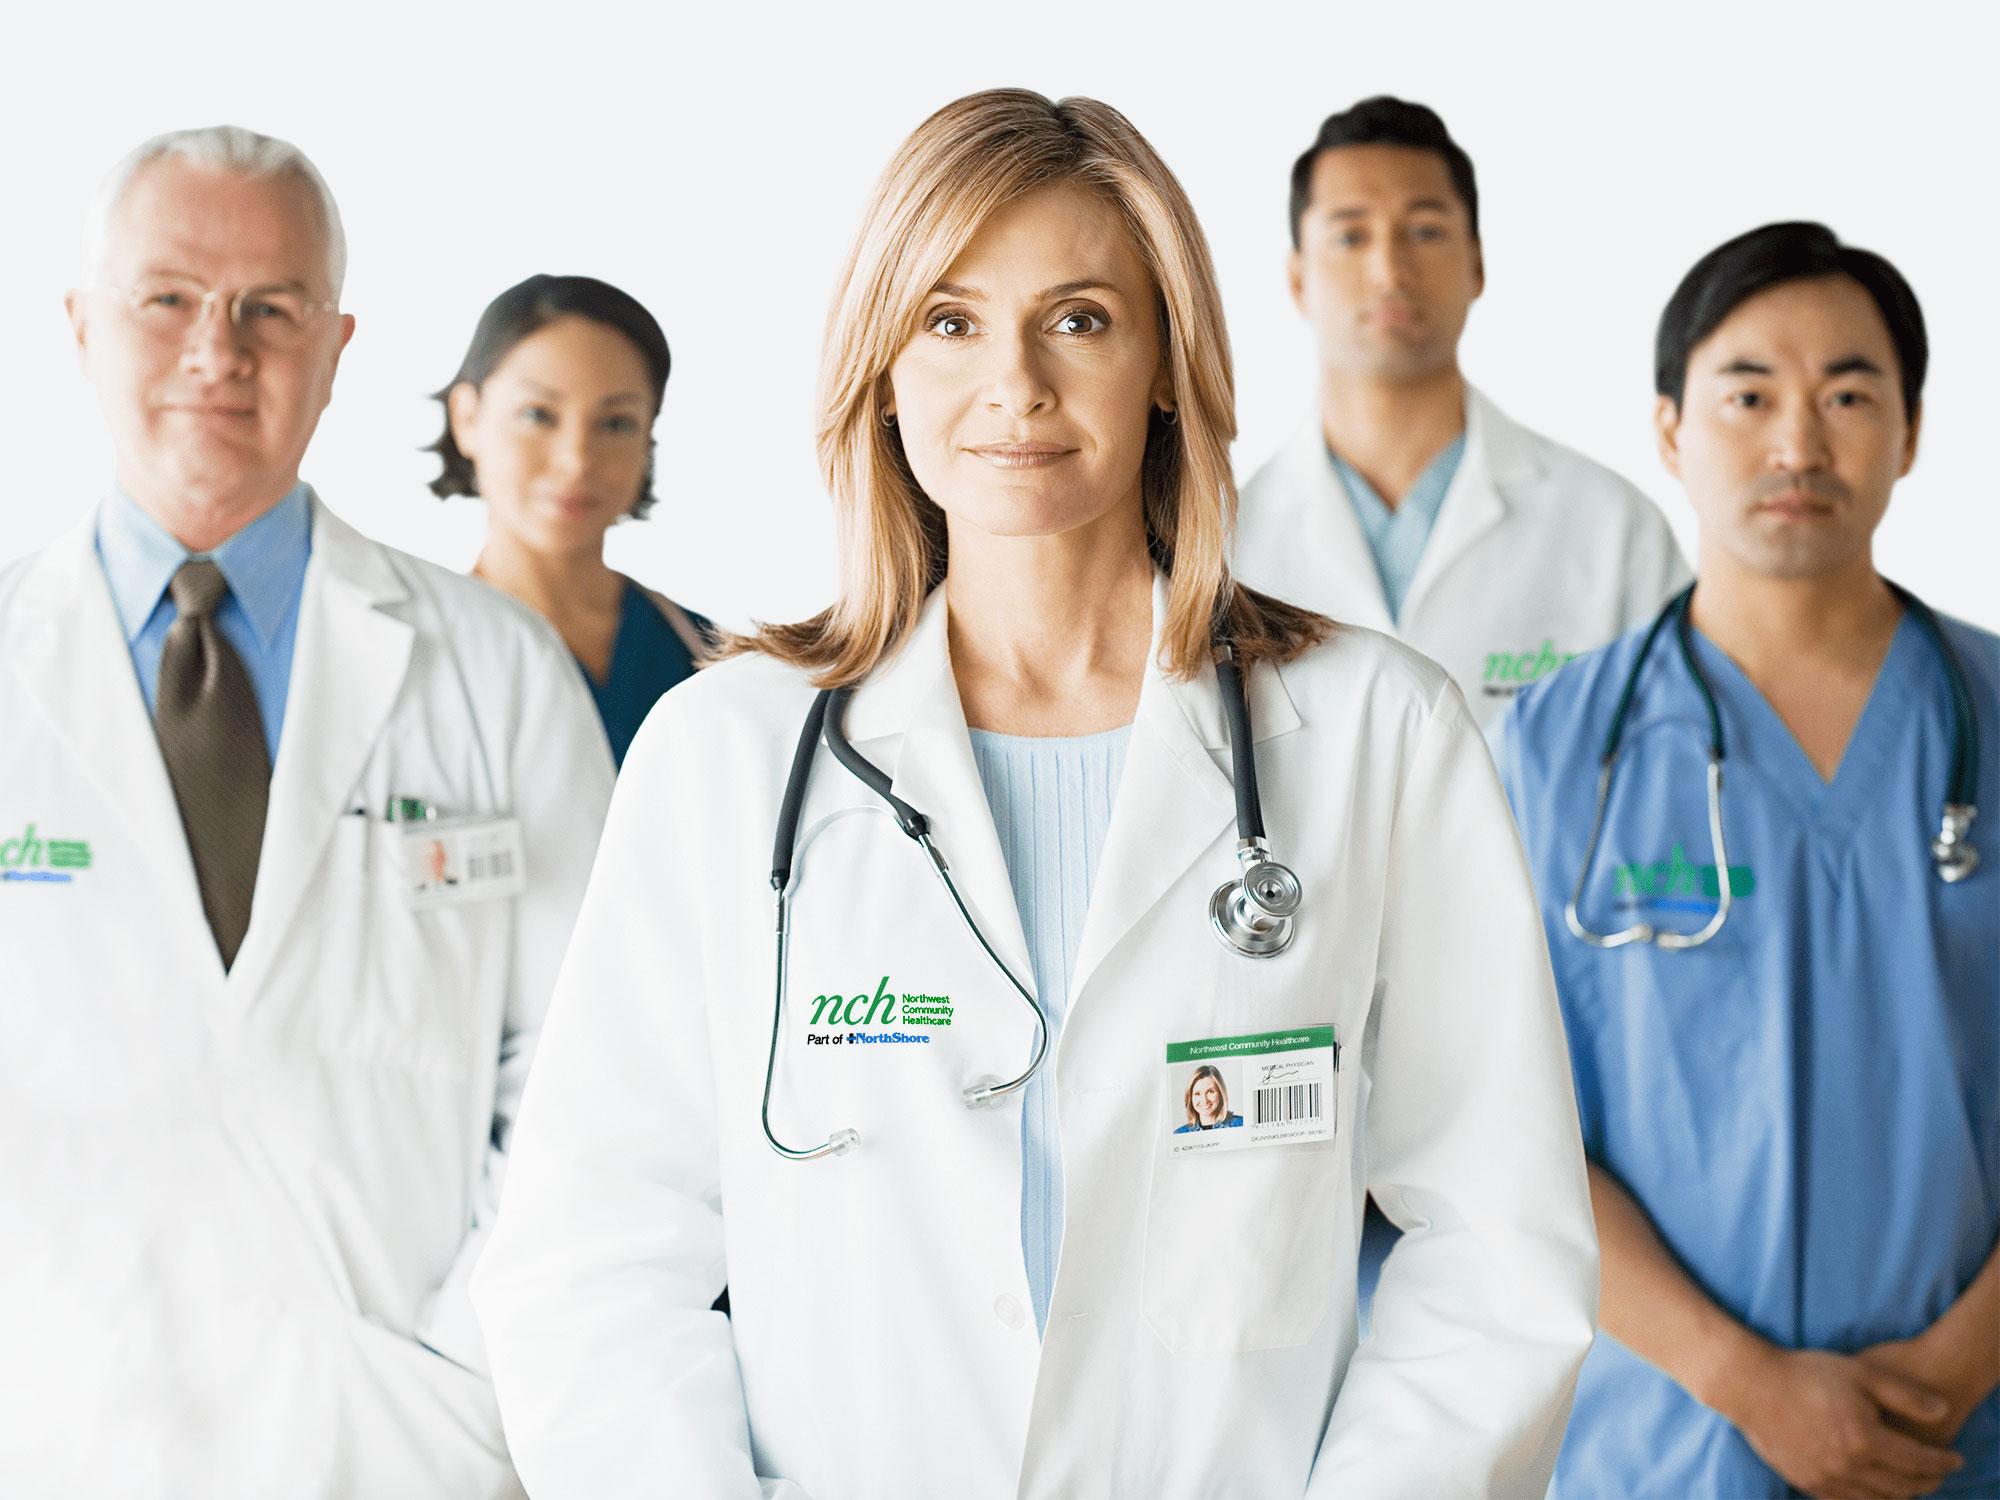 Samsung Health - Apps - The Official samsung.com